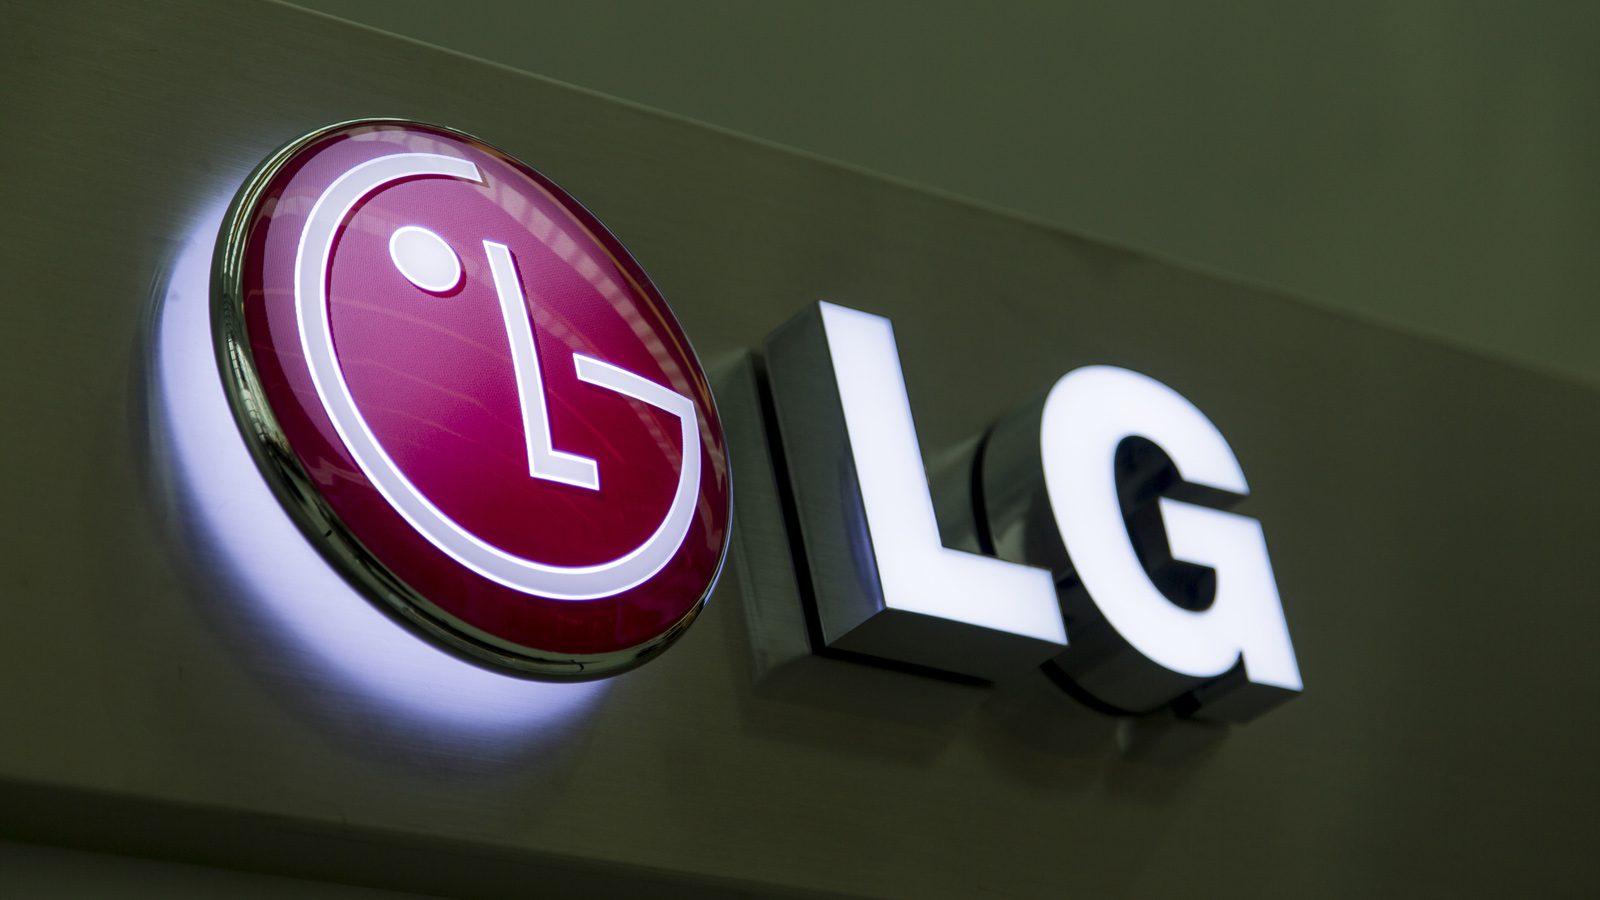 LG Corporation